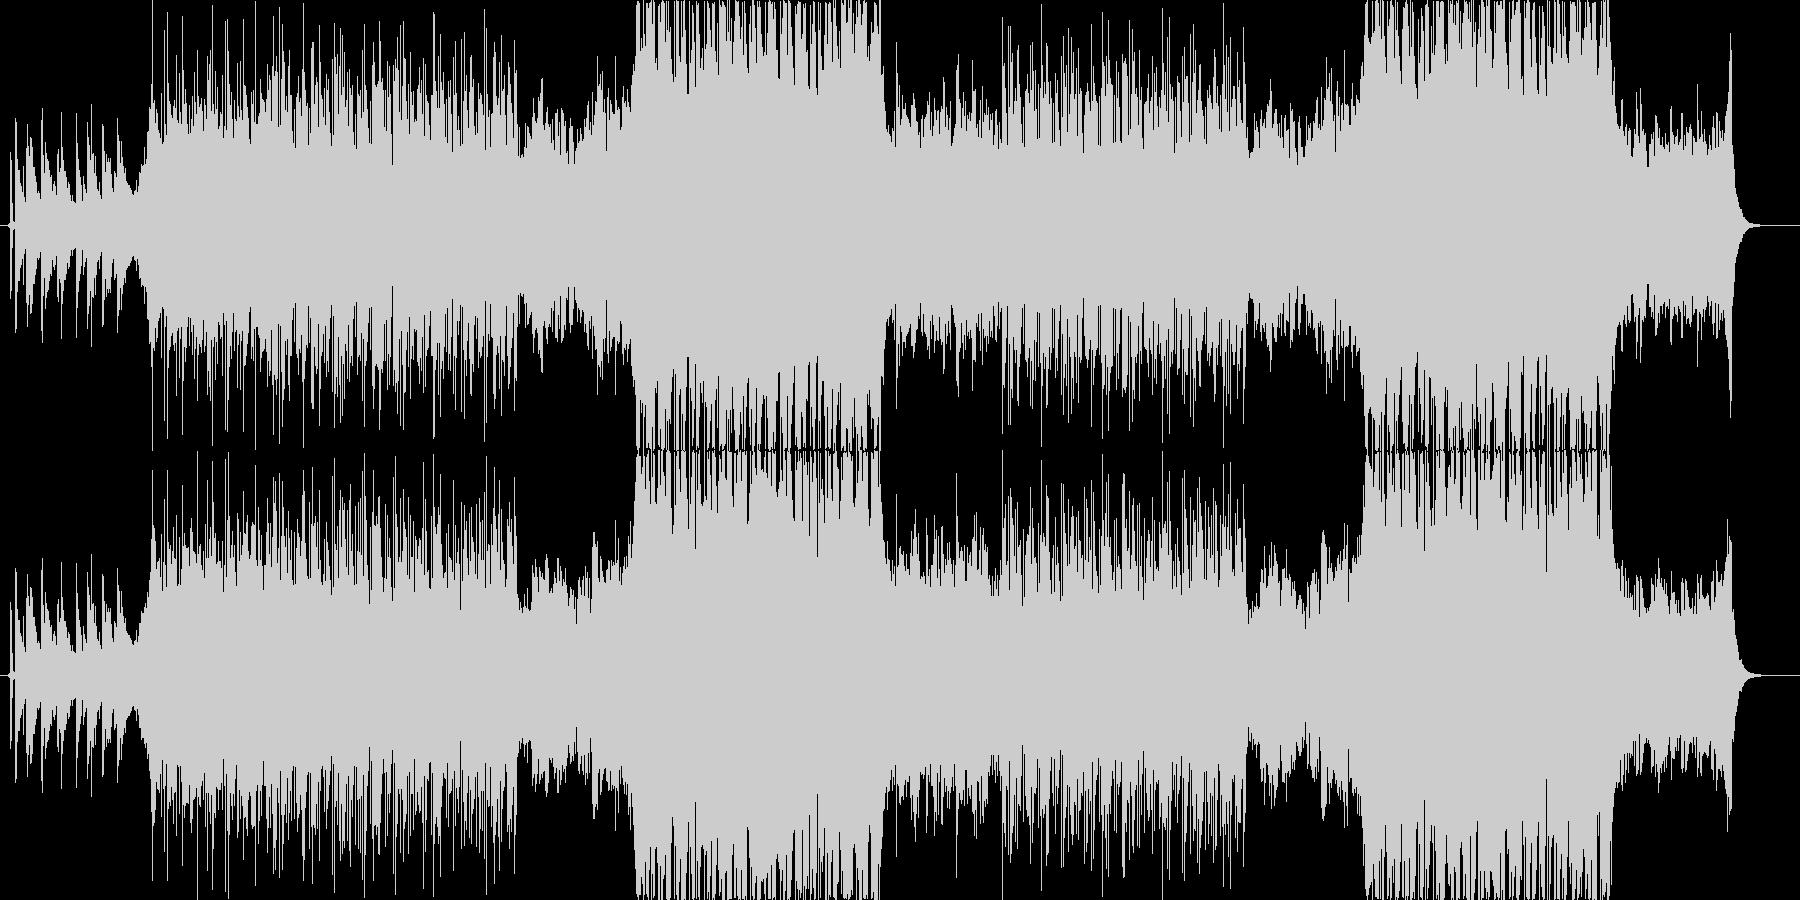 リラックスできる楽曲ですの未再生の波形